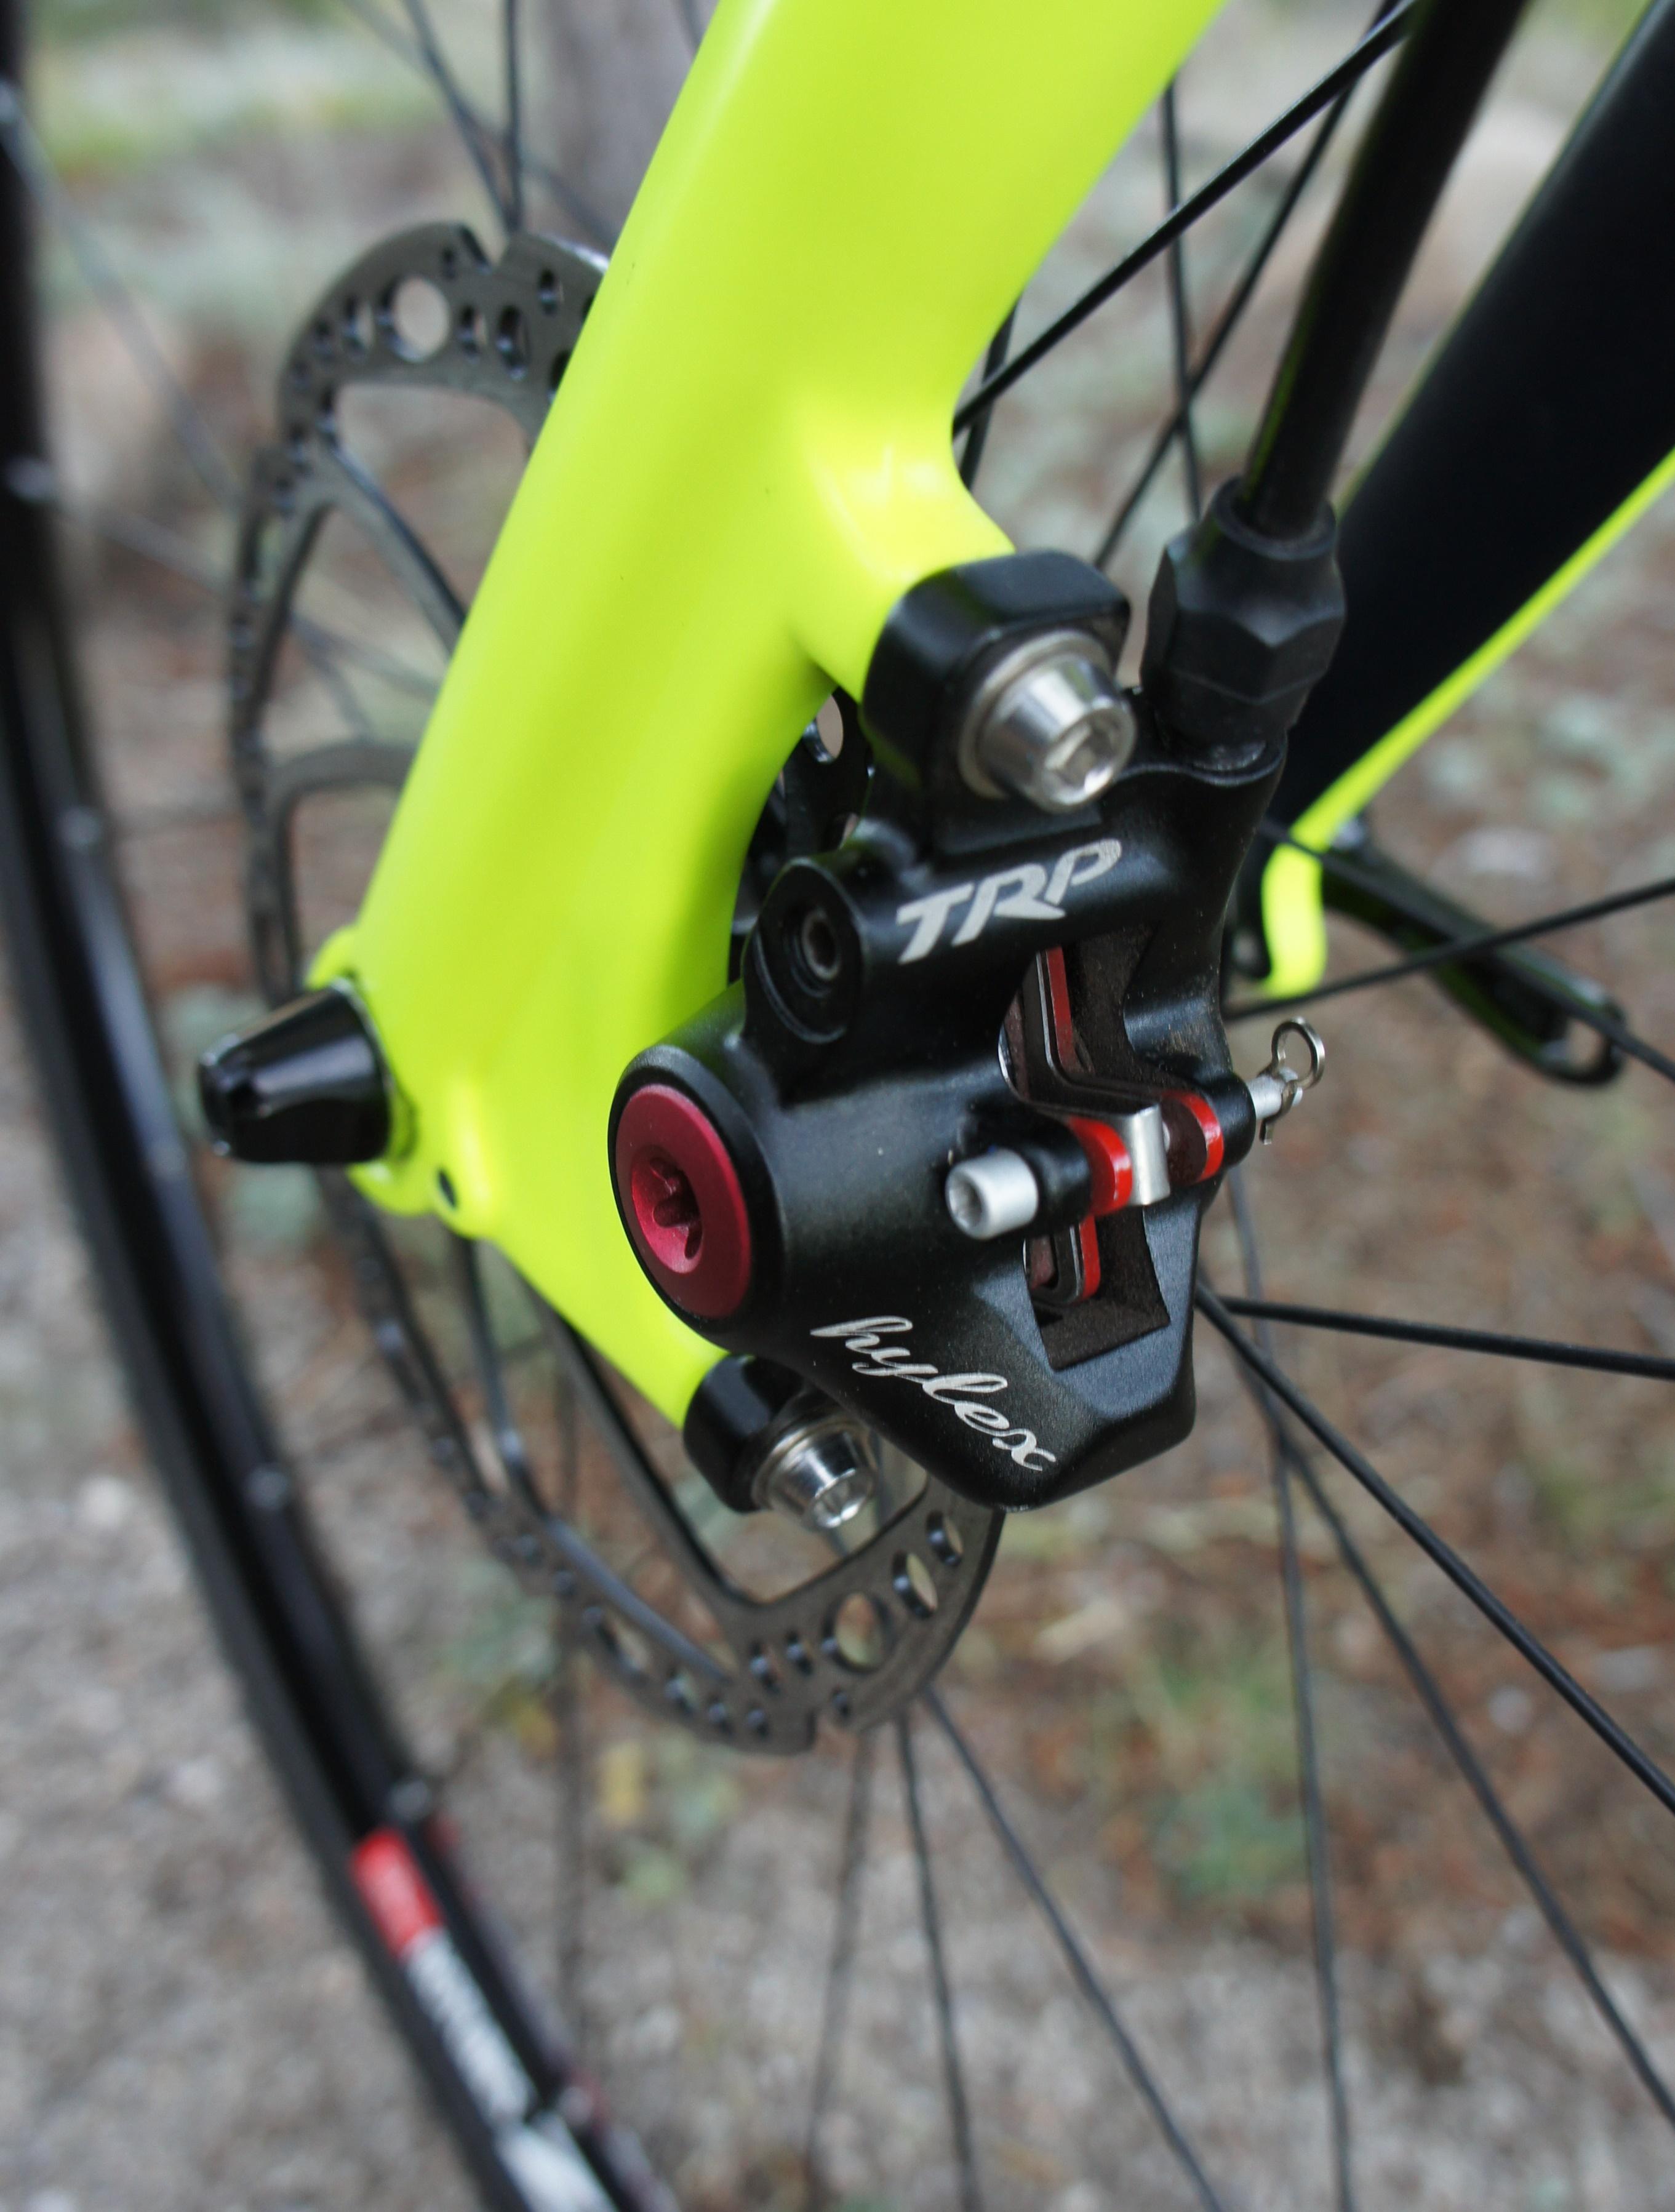 Rallye_TRP closeup